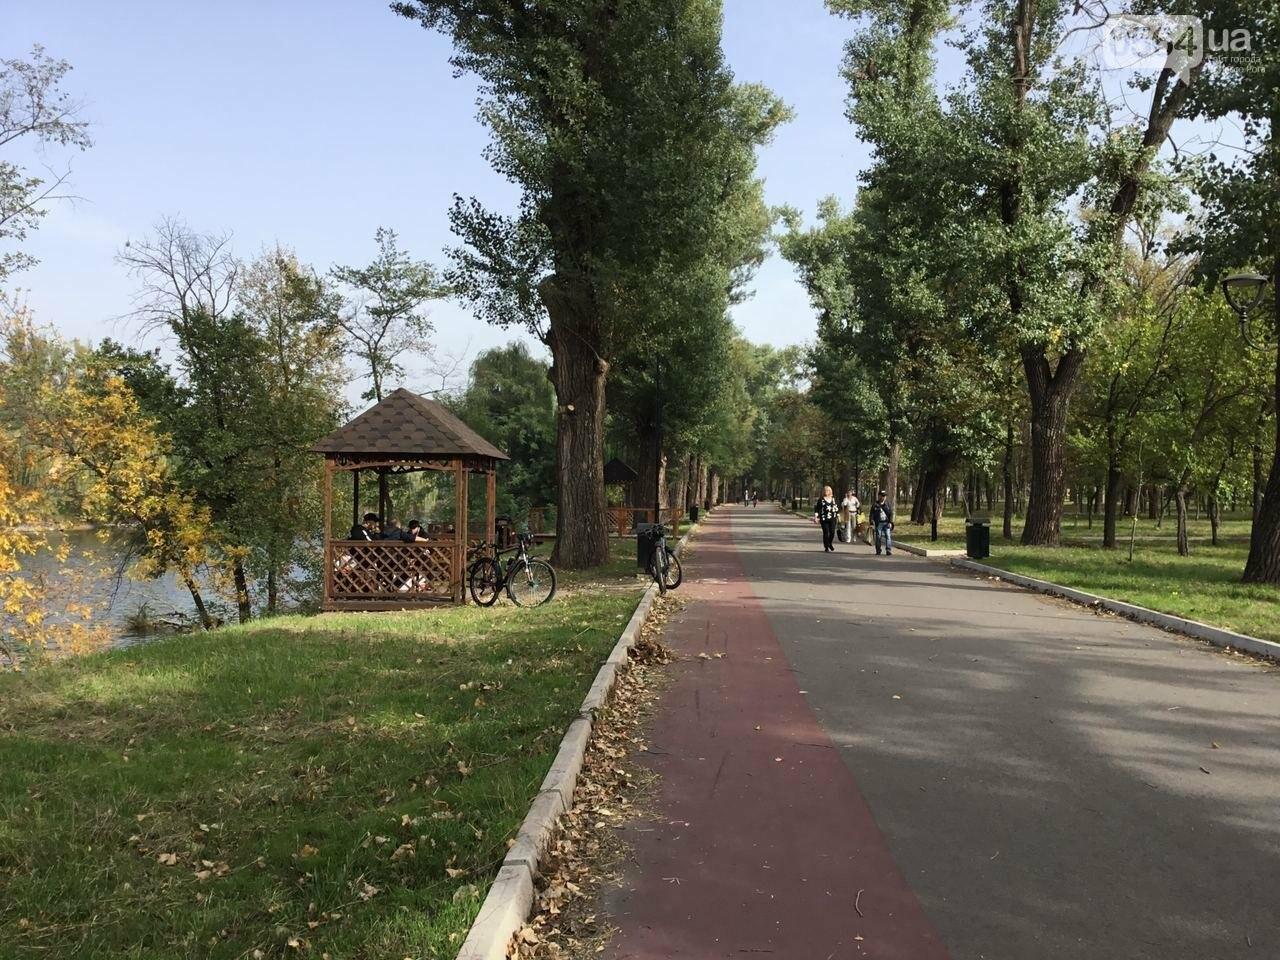 В Гданцевском парке наводят порядок. Как выглядит парк после покоса амброзии, - ФОТО, ВИДЕО, фото-13